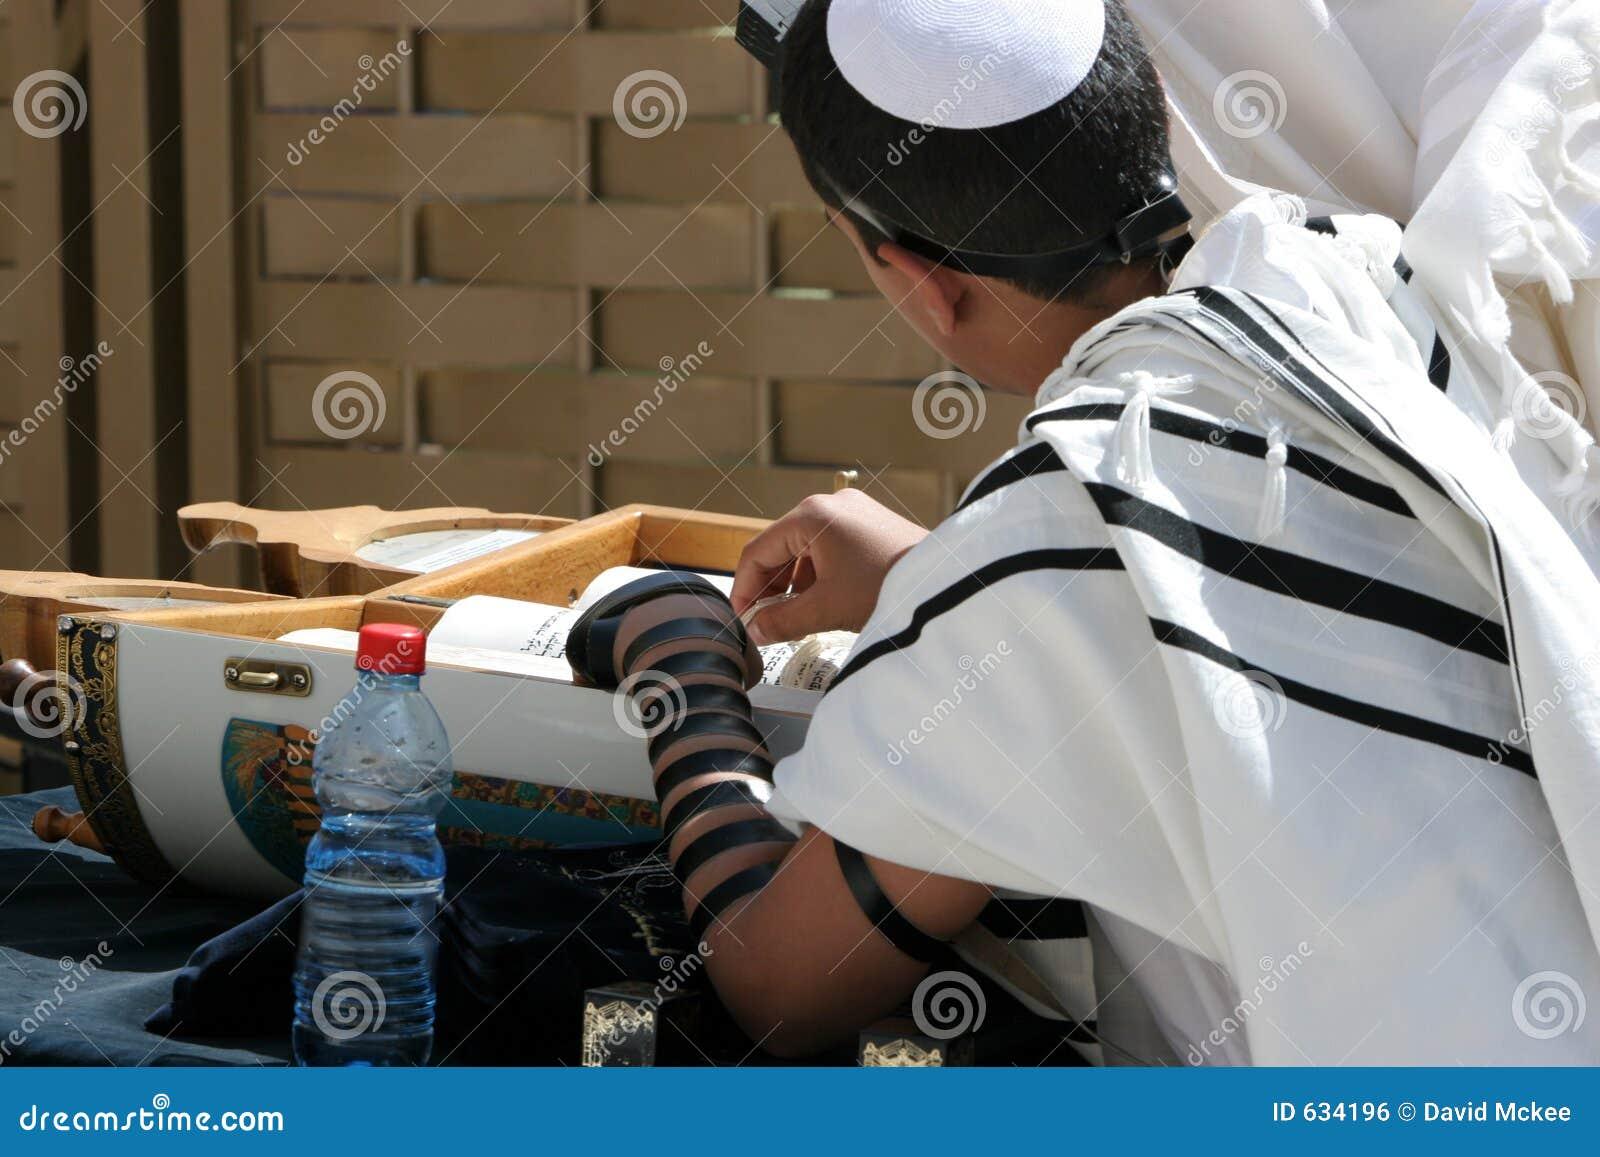 Download Mitzvah штанги стоковое фото. изображение насчитывающей оливки - 634196